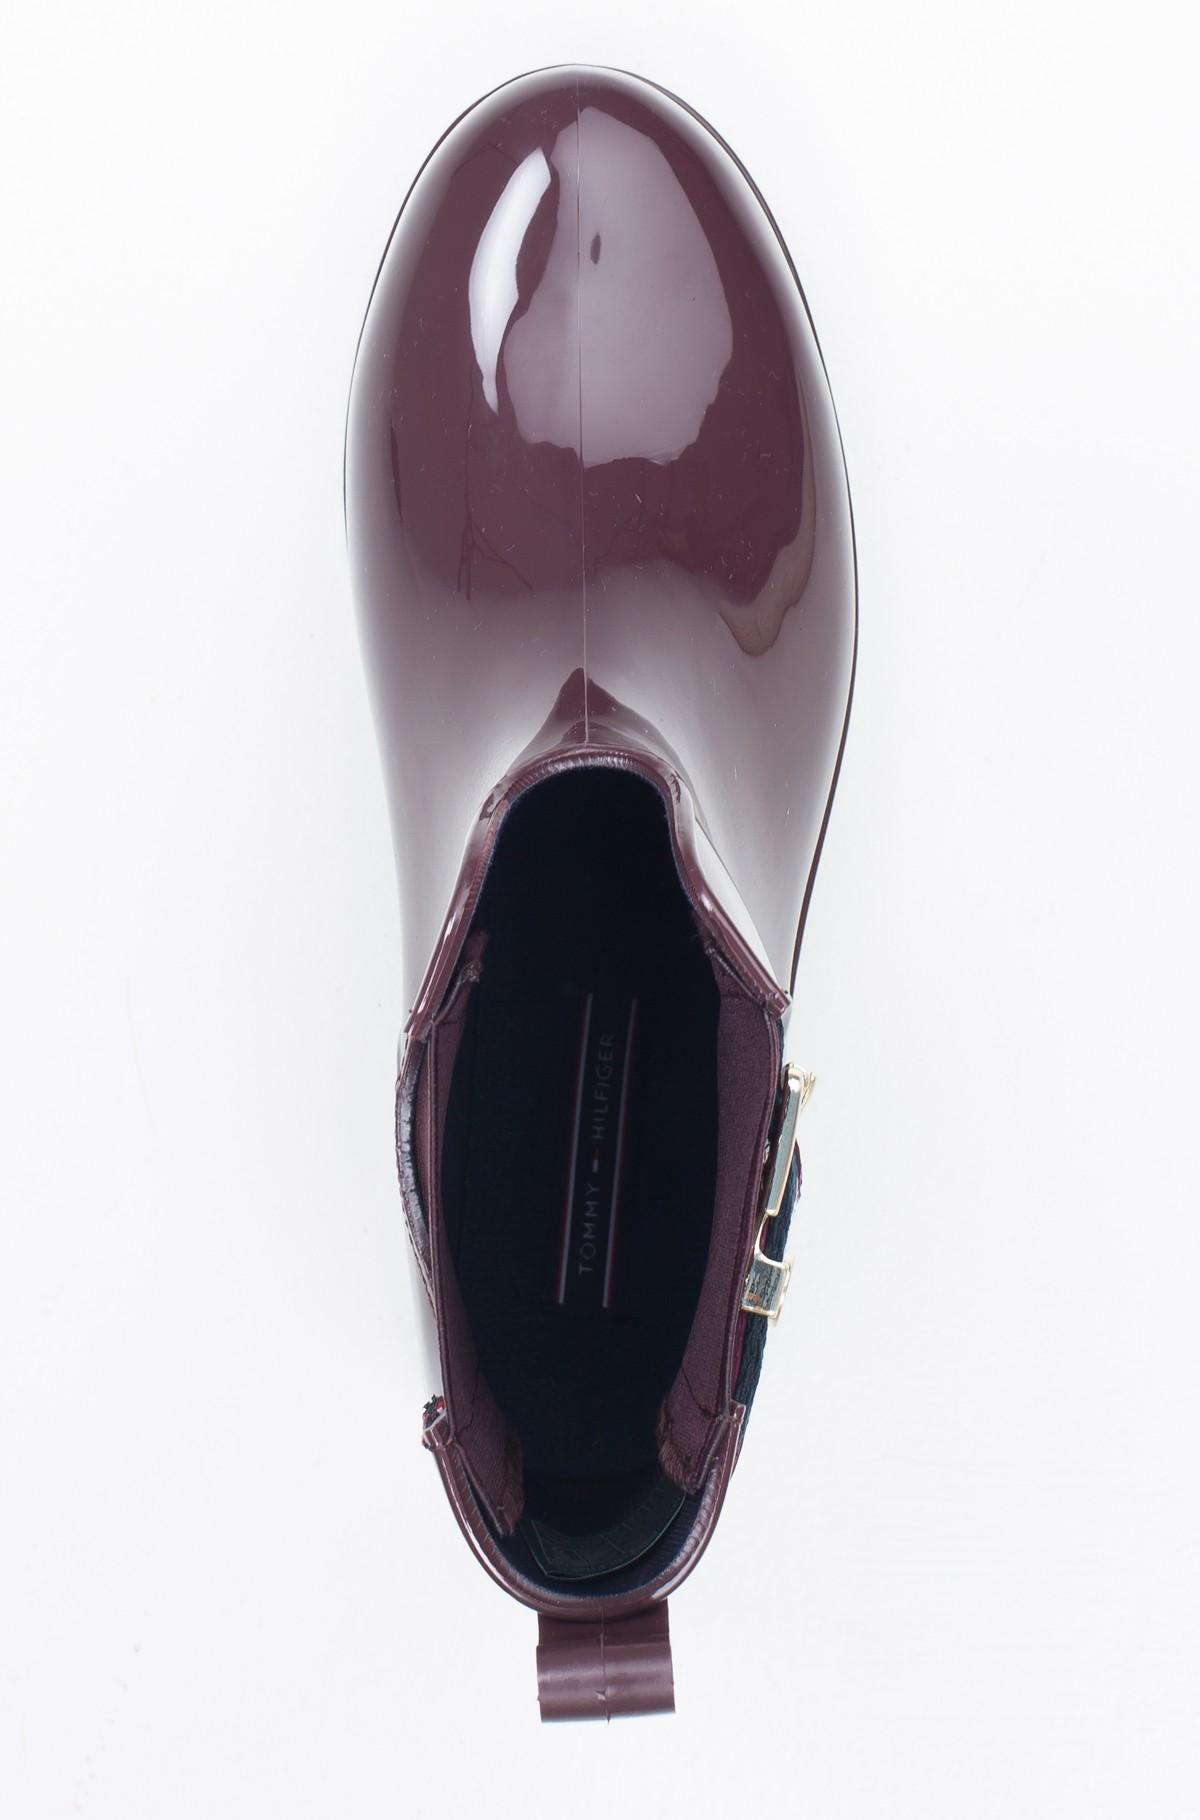 Guminiai batai CORPORATE BELT RAIN BOOT-full-4